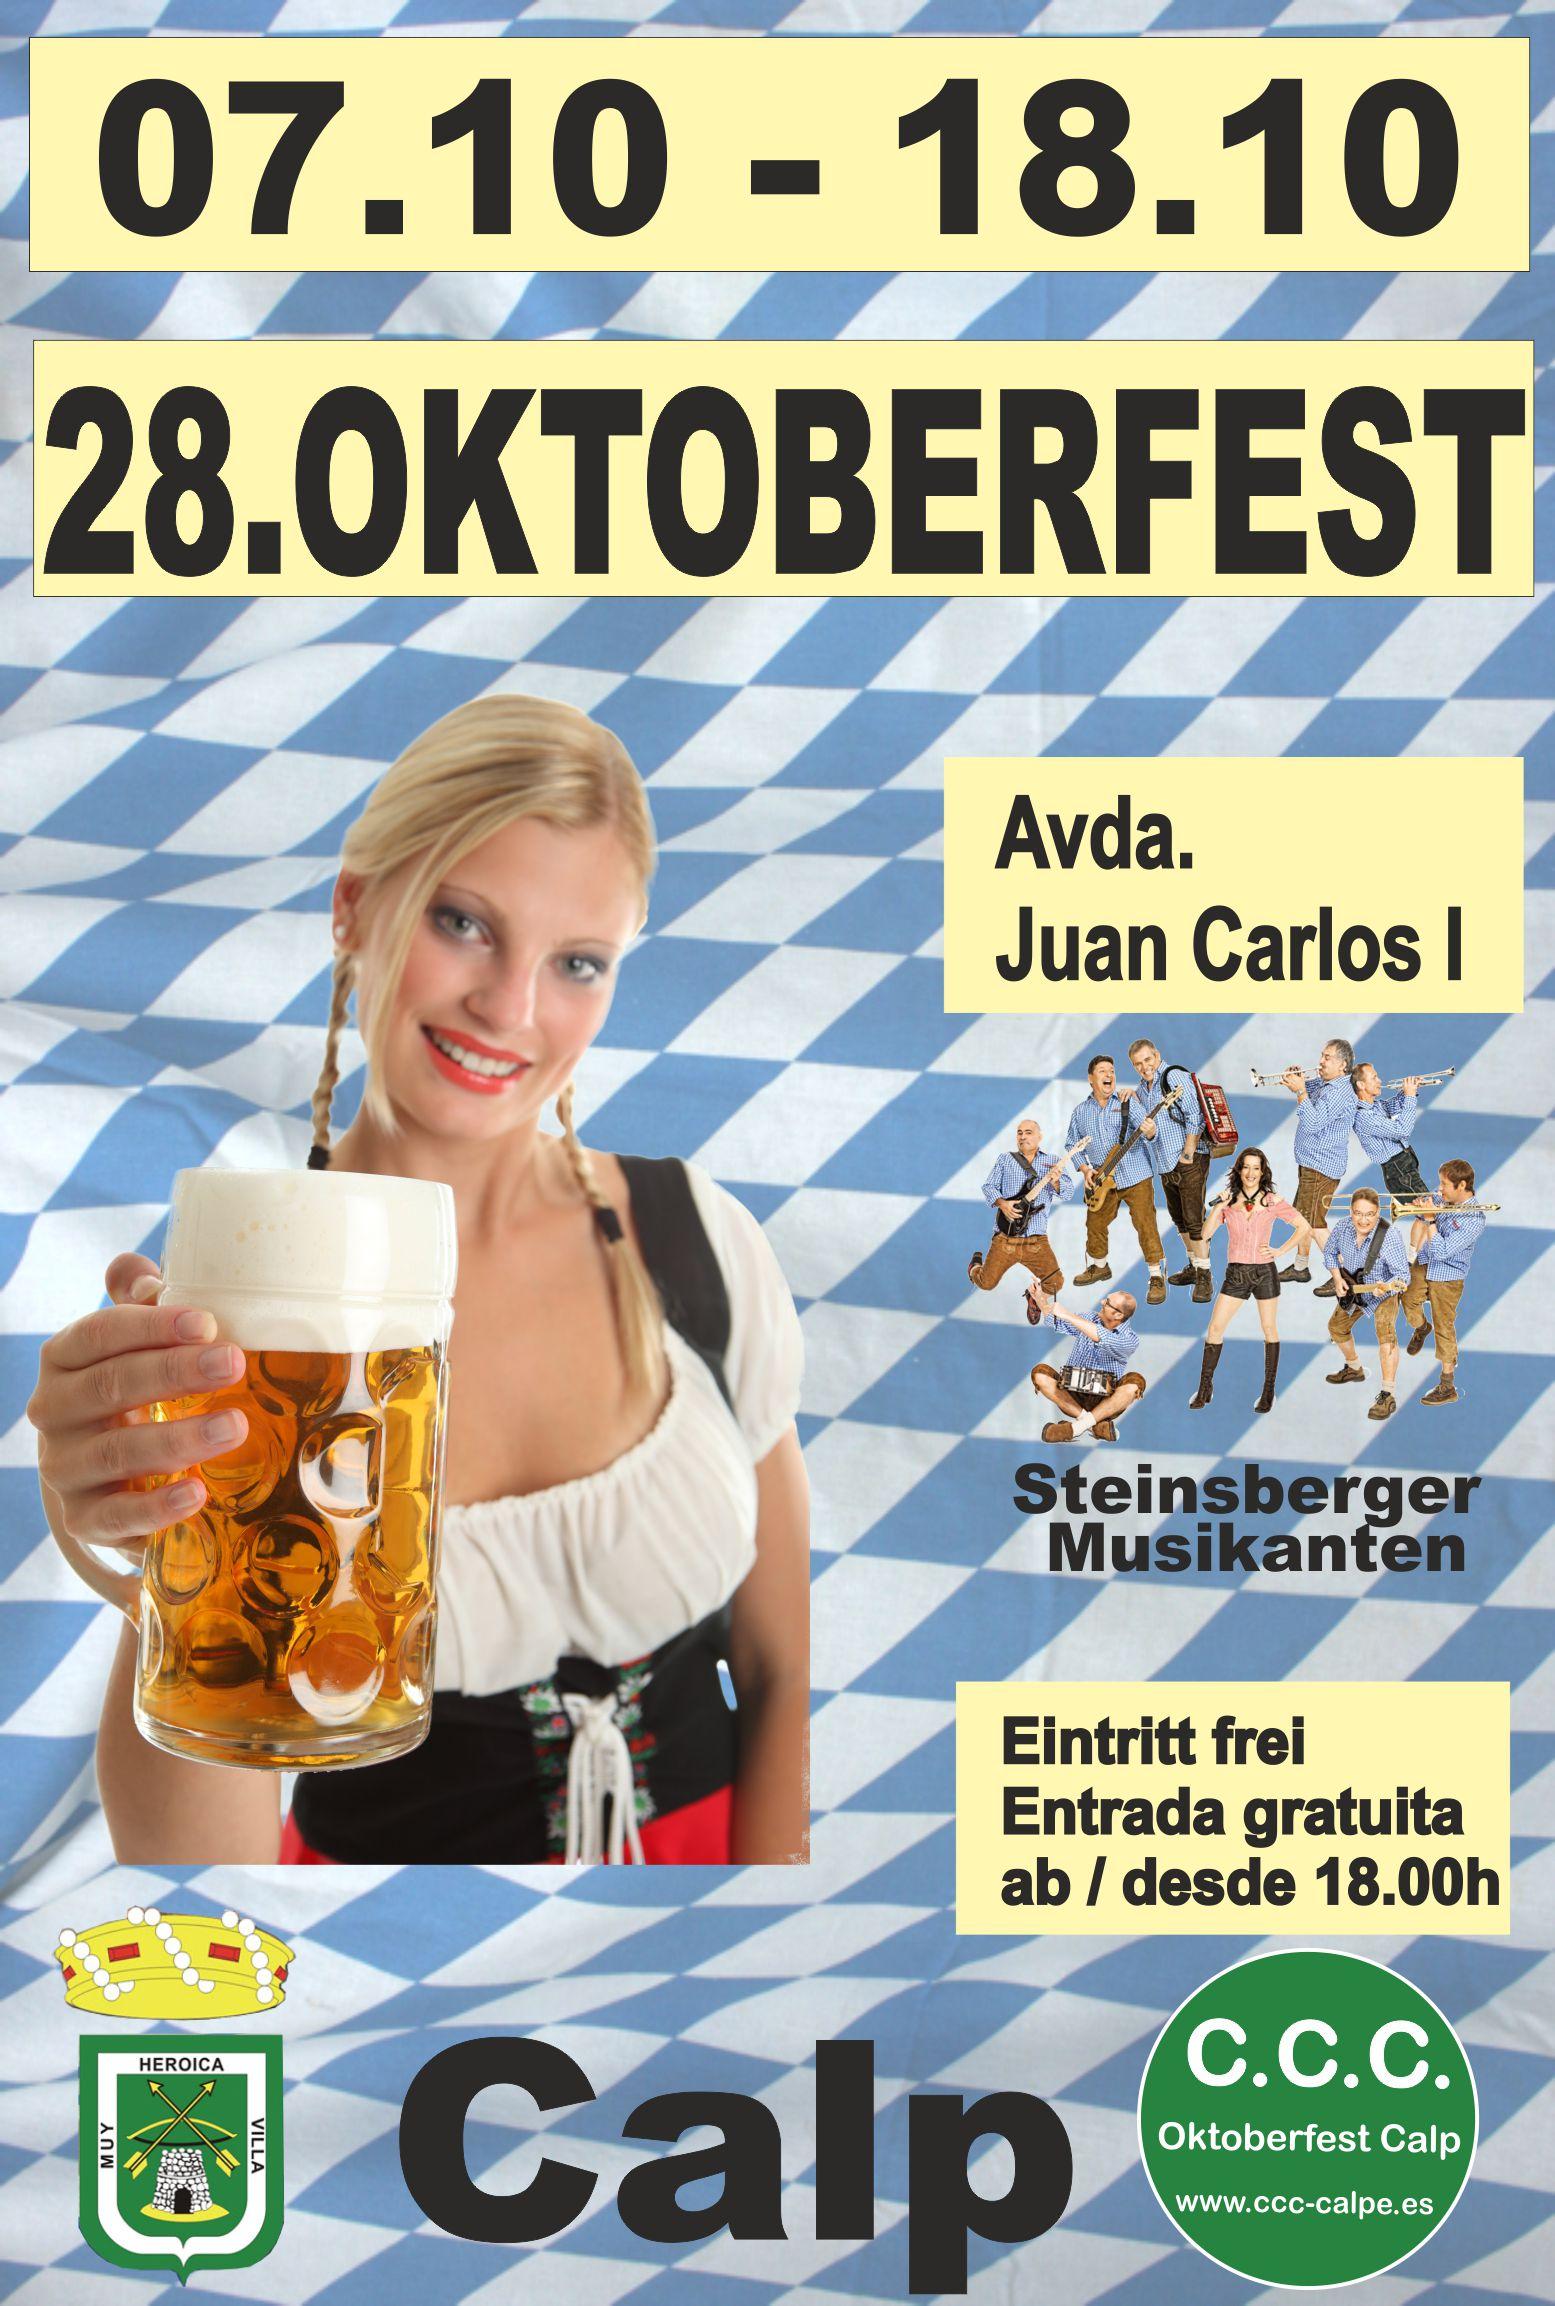 Spanias største oktoberfest